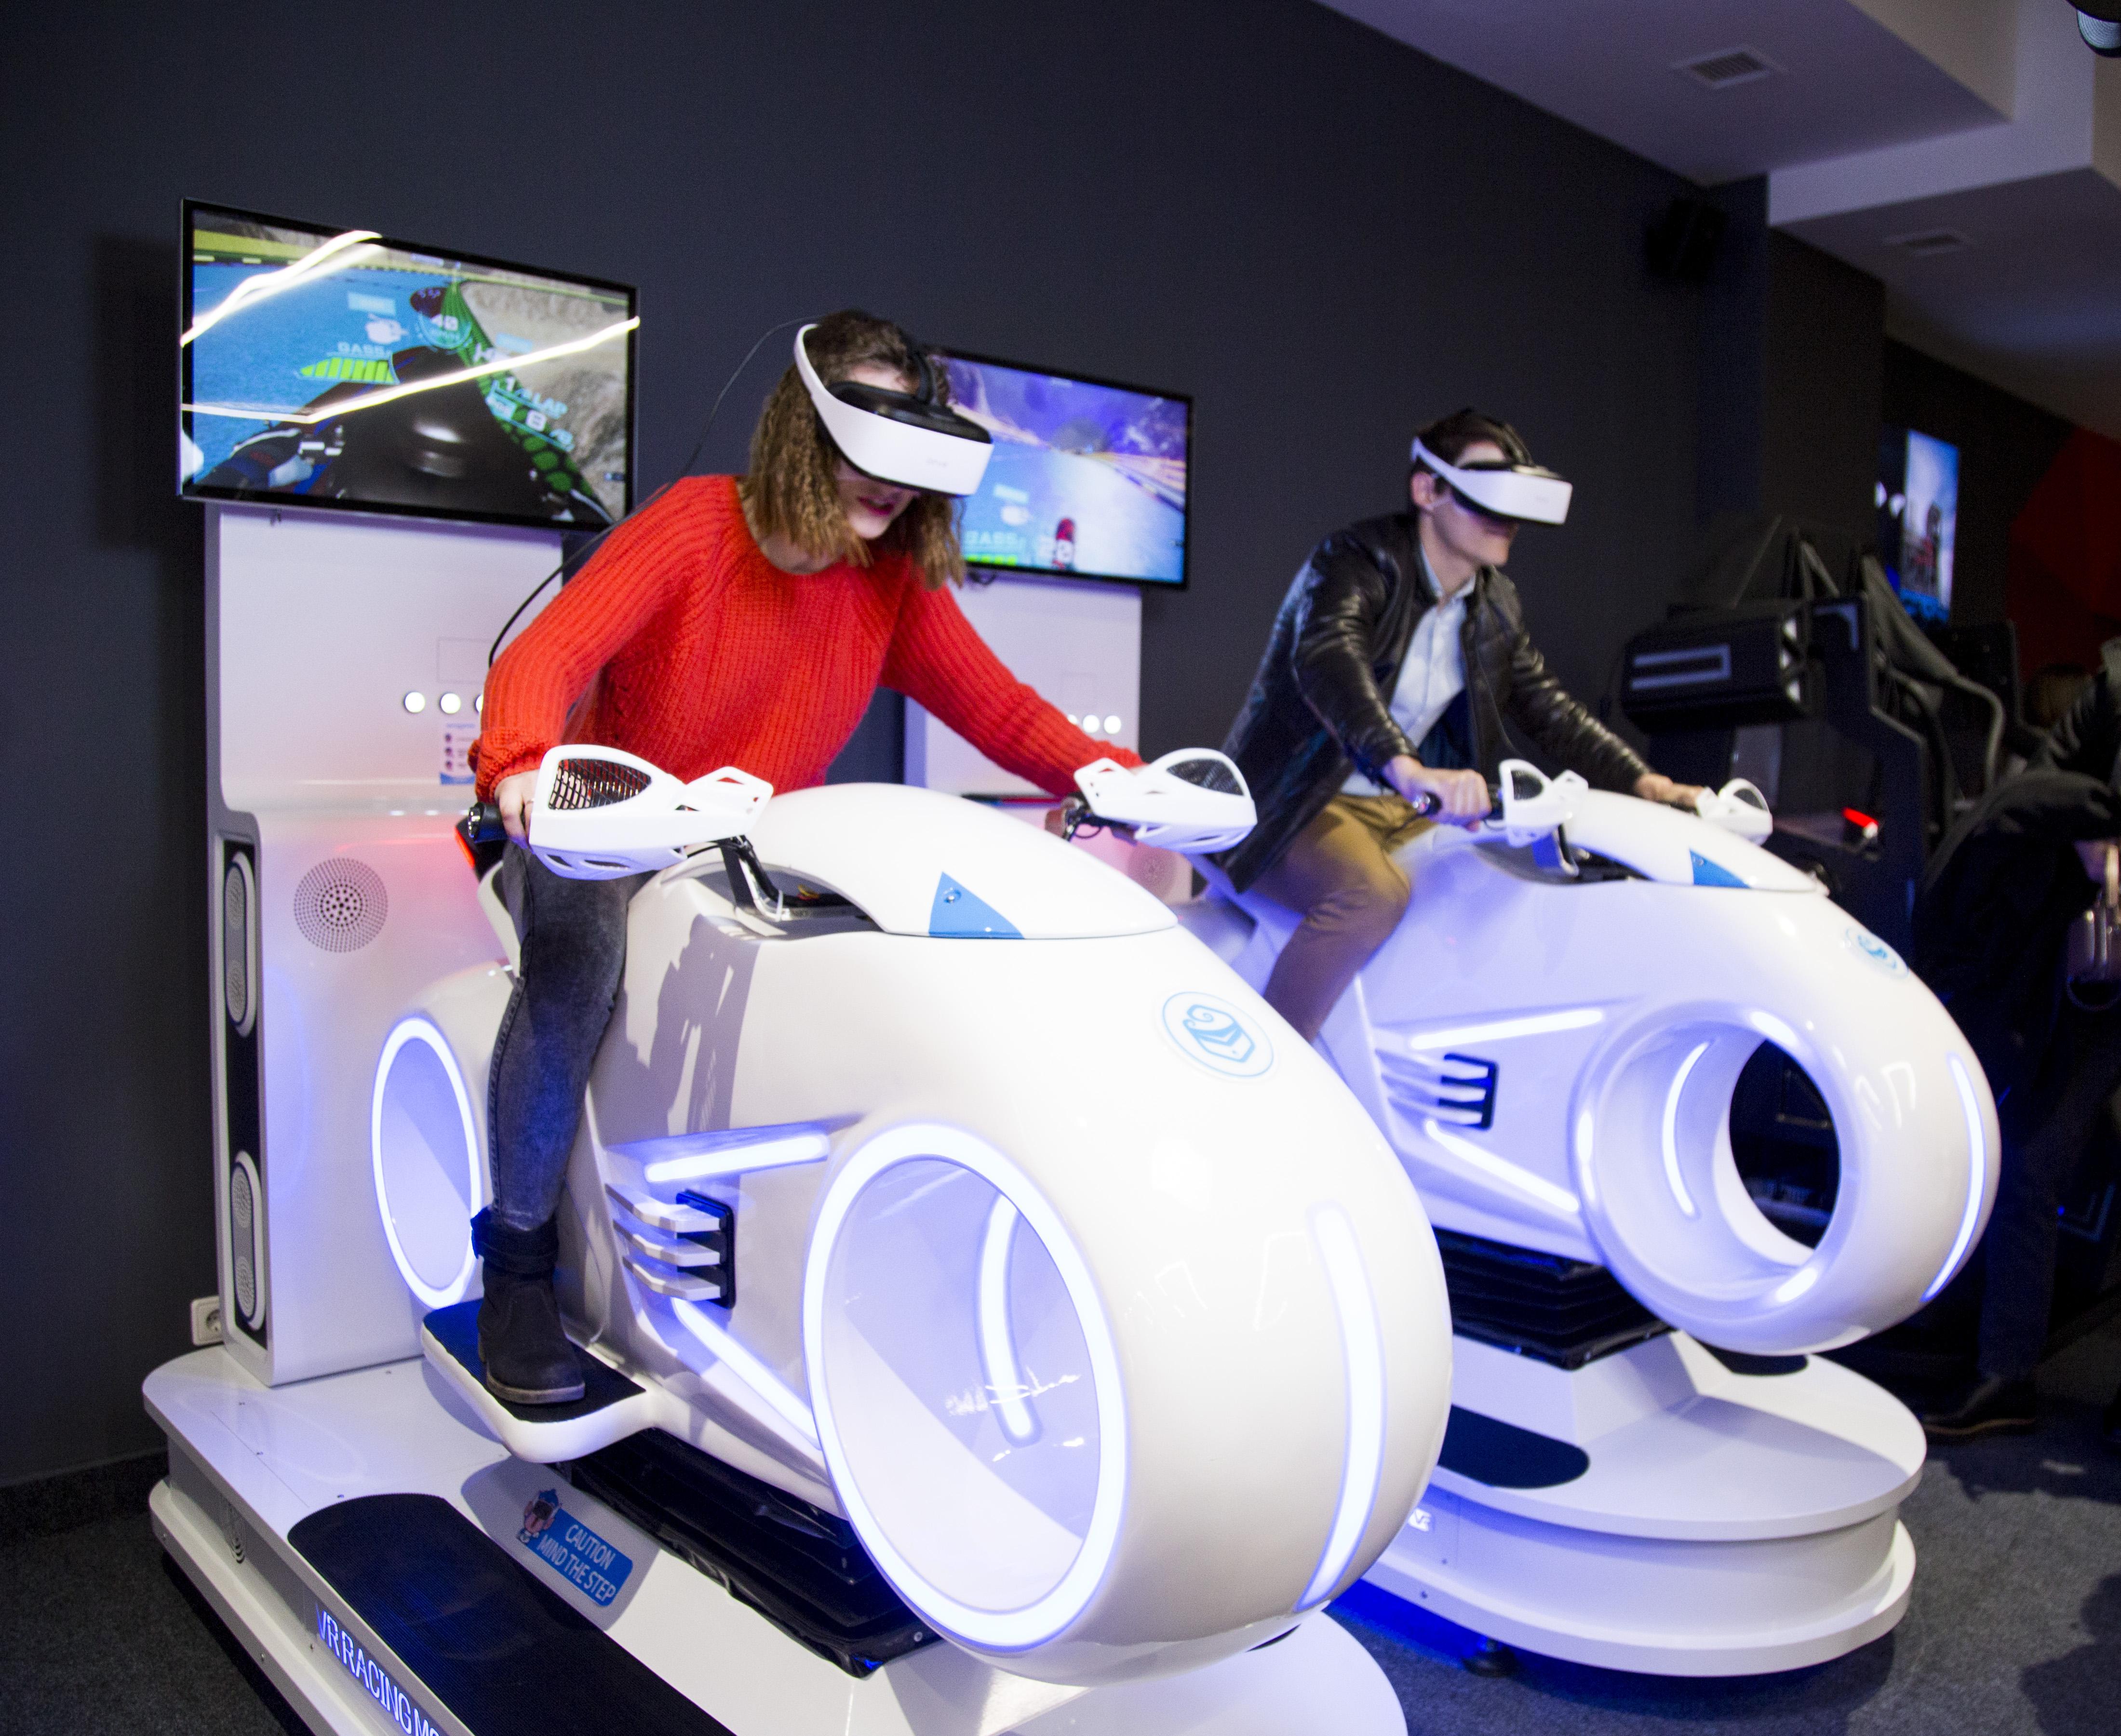 Парк виртуальной реальности дубай недвижимость за рубежом на море где лучше